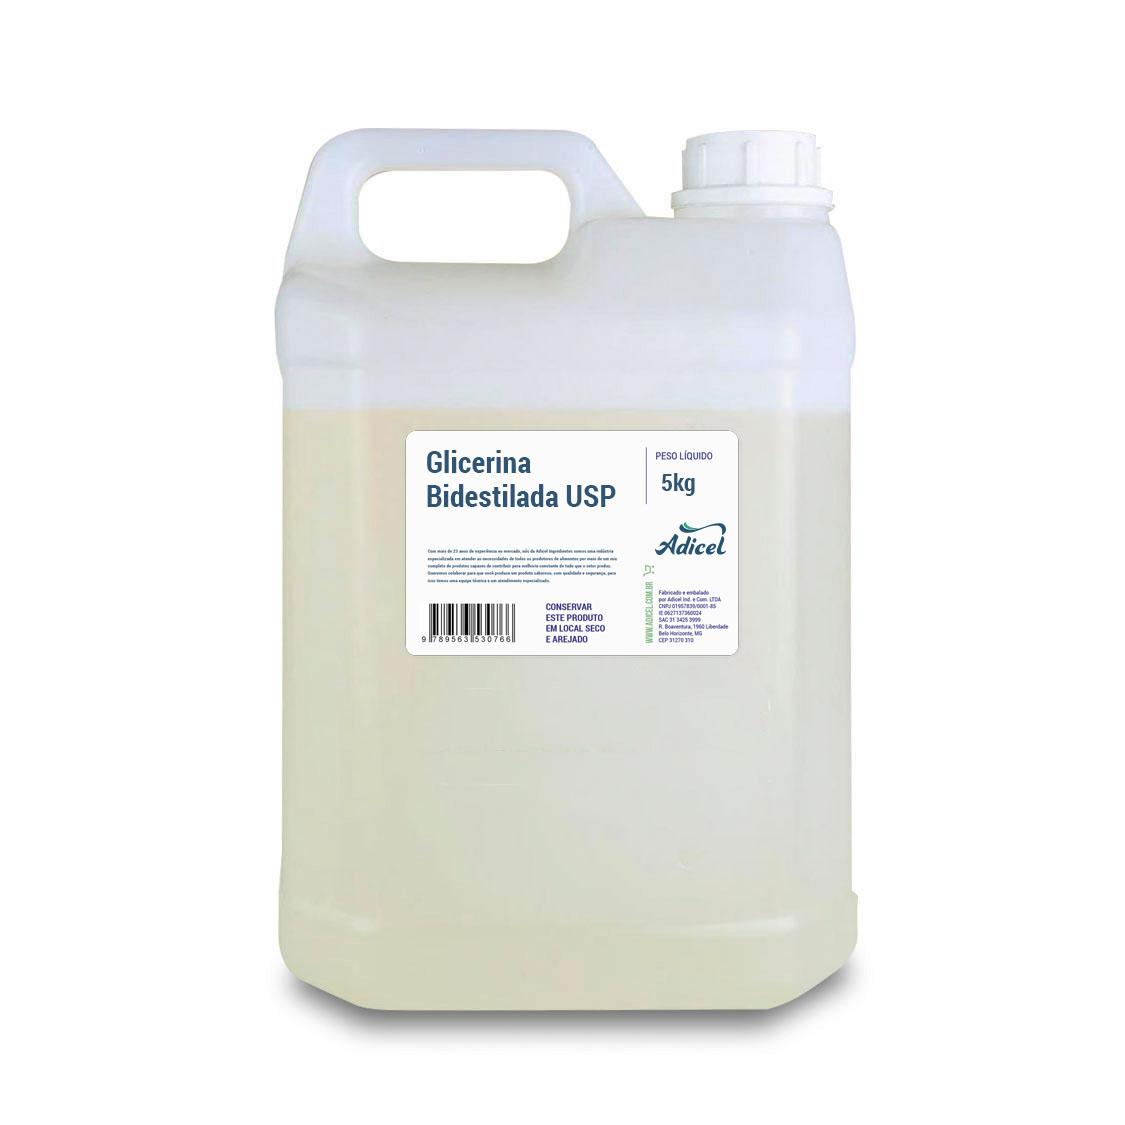 Glicerina Bidestilada USP - 5KG